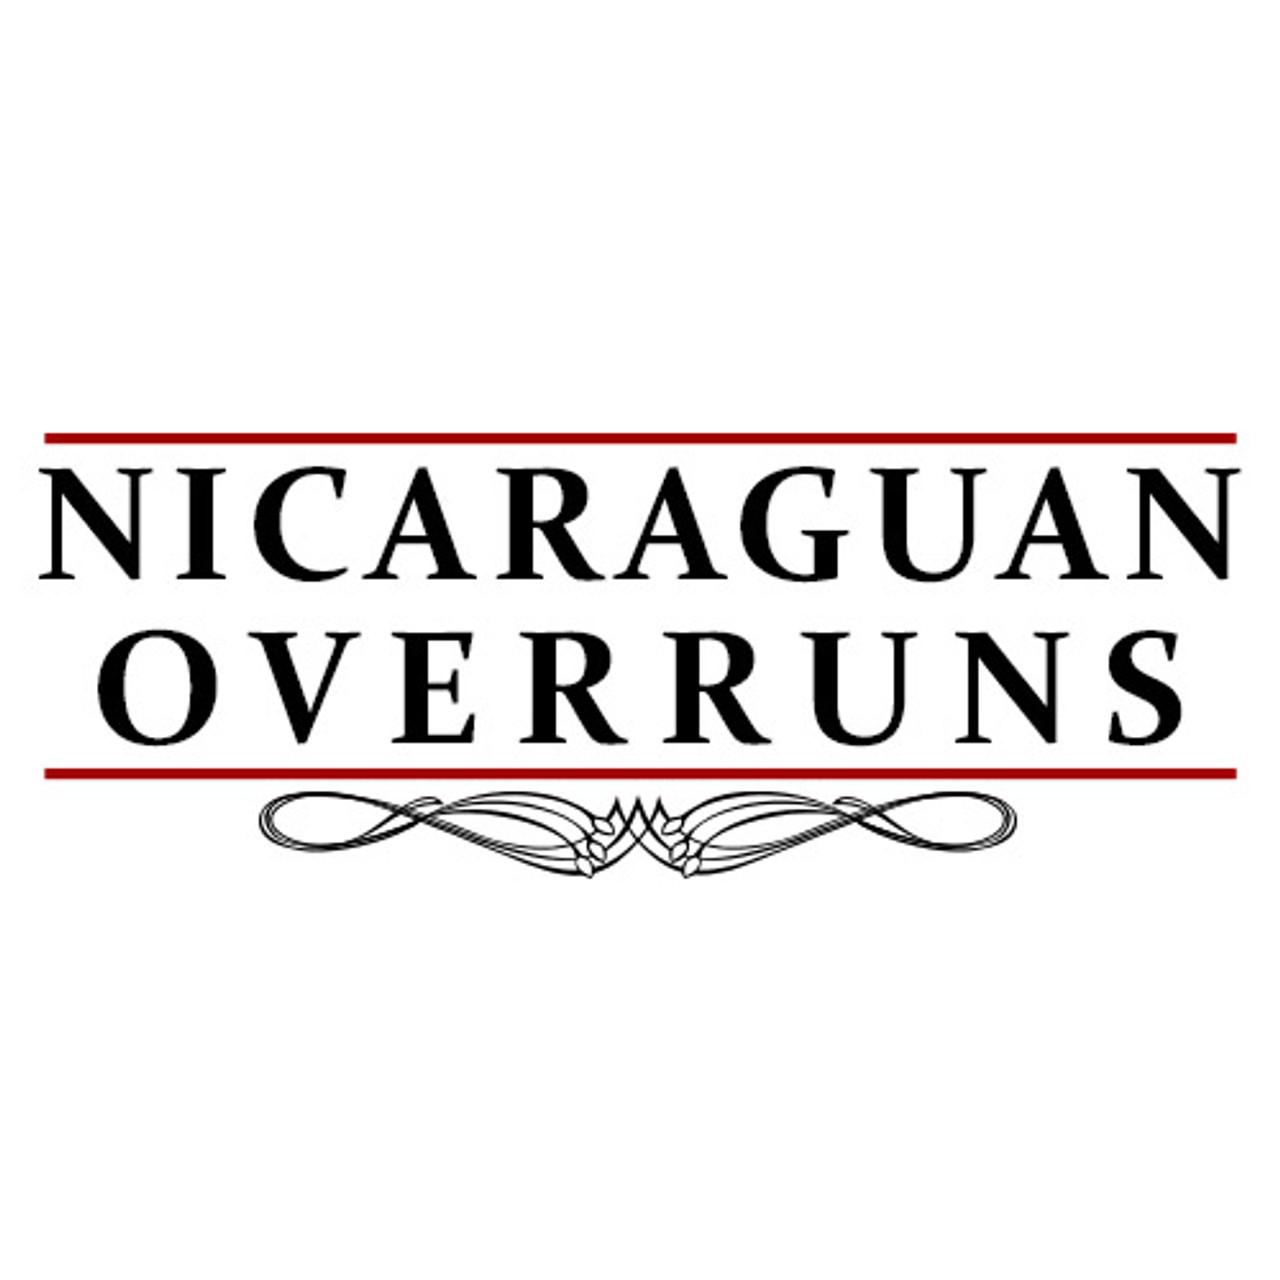 Nicaraguan Overruns Habano Toro Cigars - 6.5 x 54 (Bundle of 20)